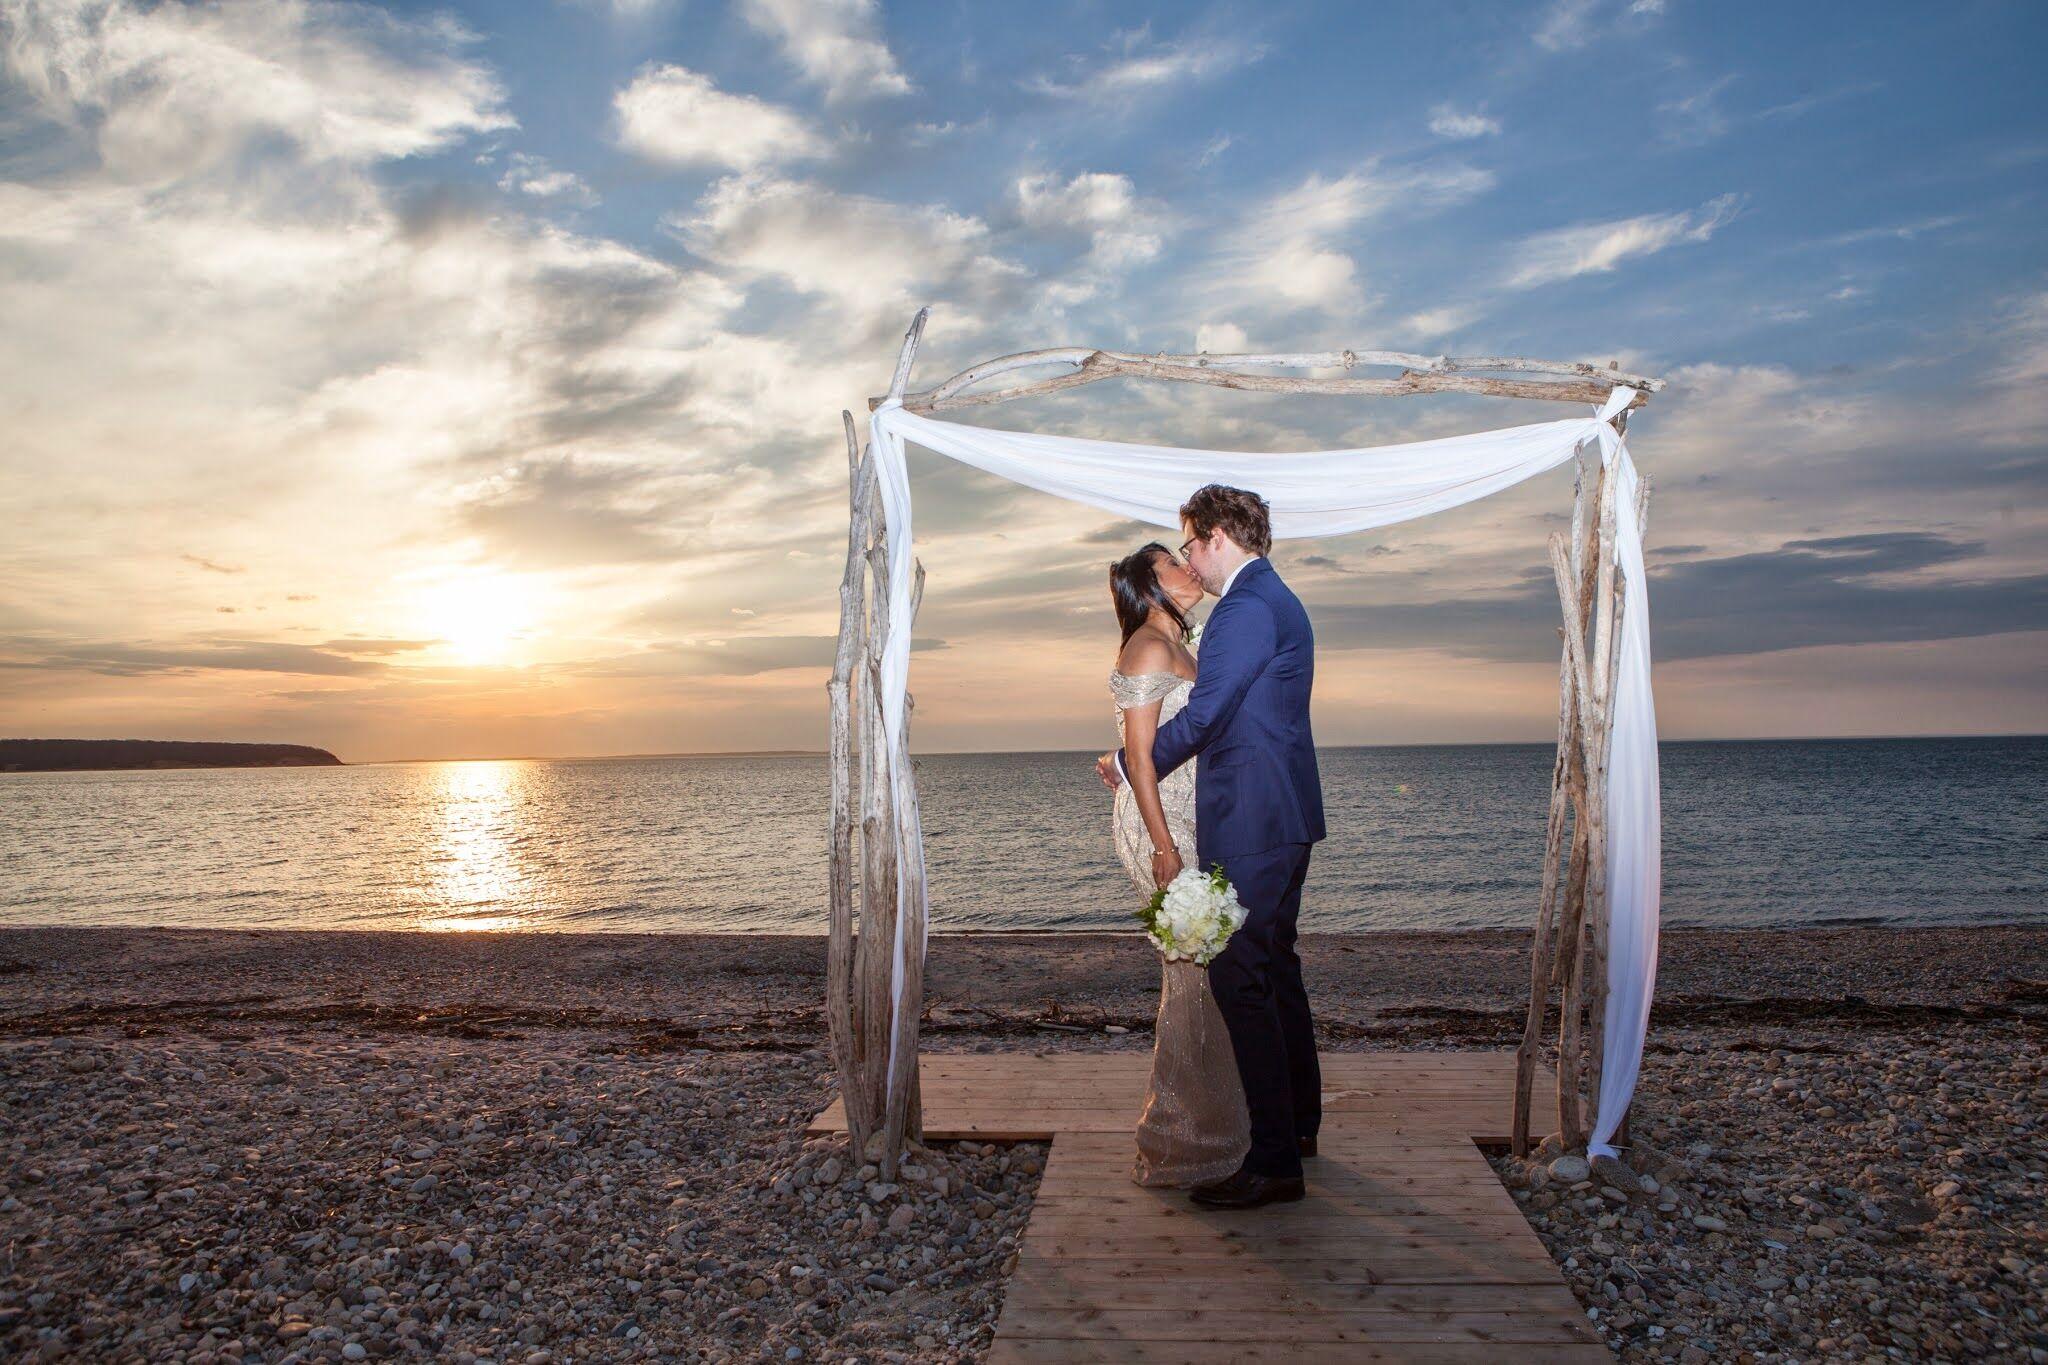 Wedding Reception Venues In Montauk NY